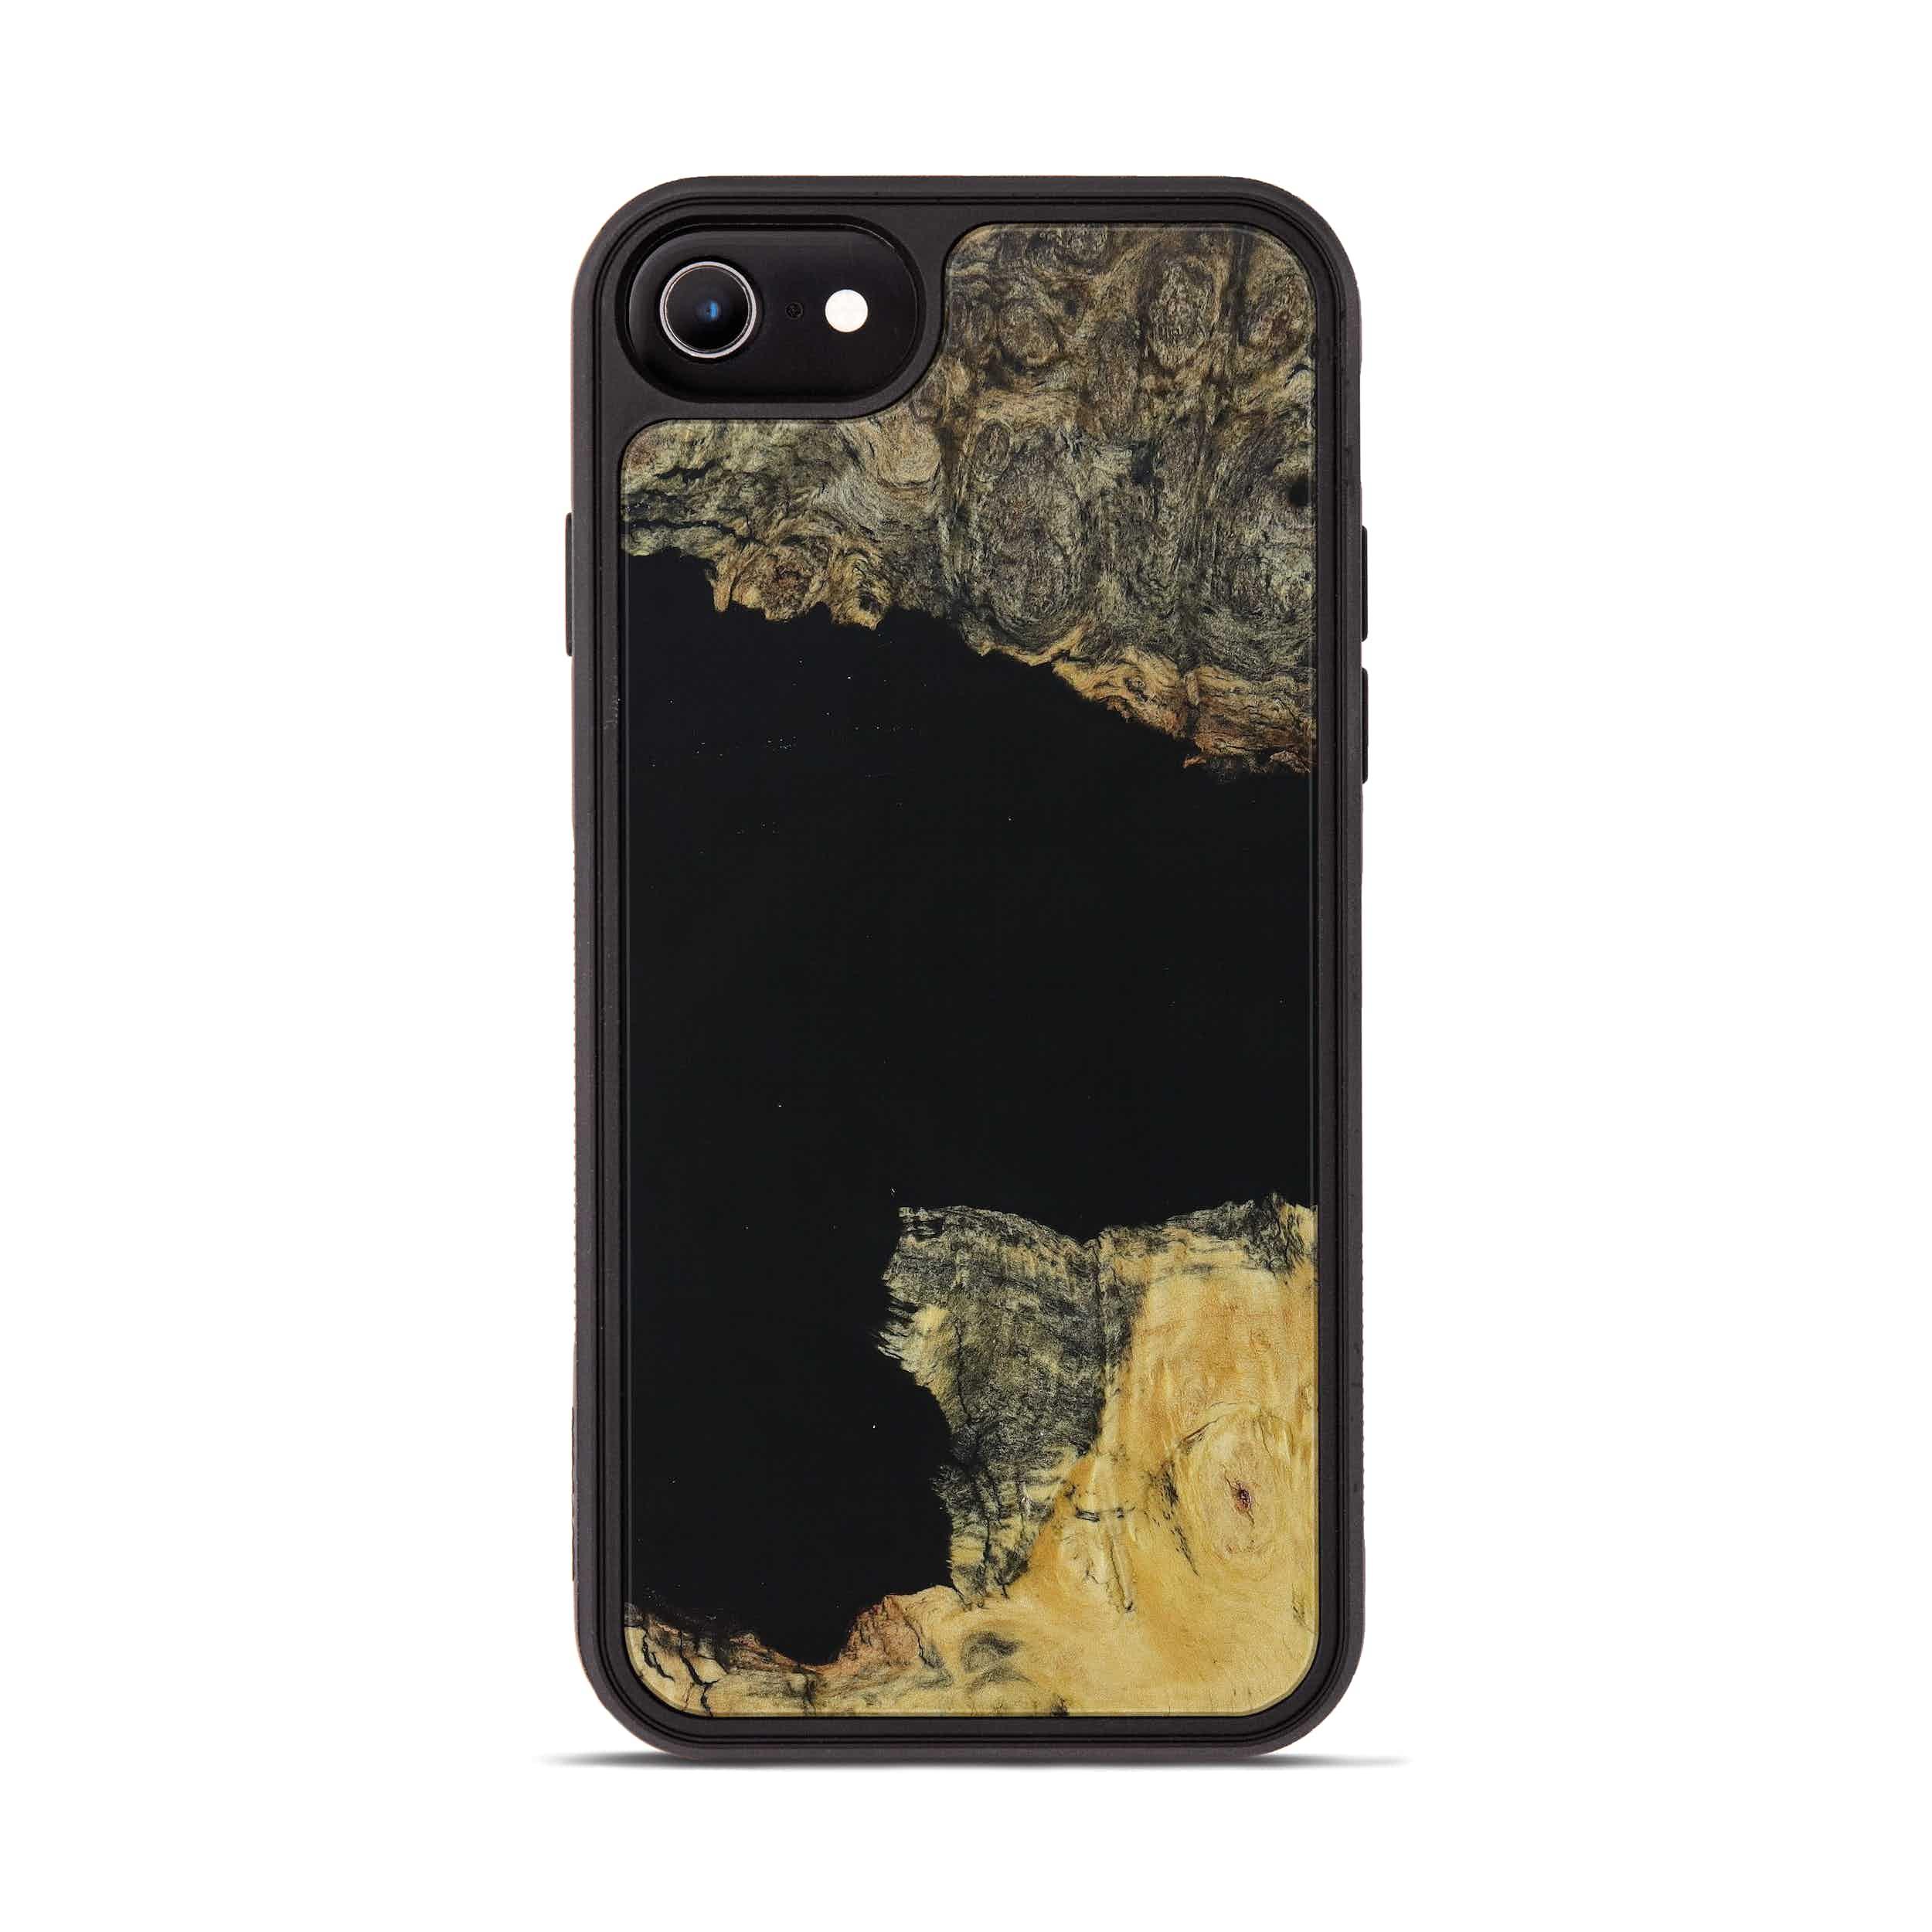 iPhone 6s Wood+Resin Phone Case - Dedie (Pure Black, 395898)